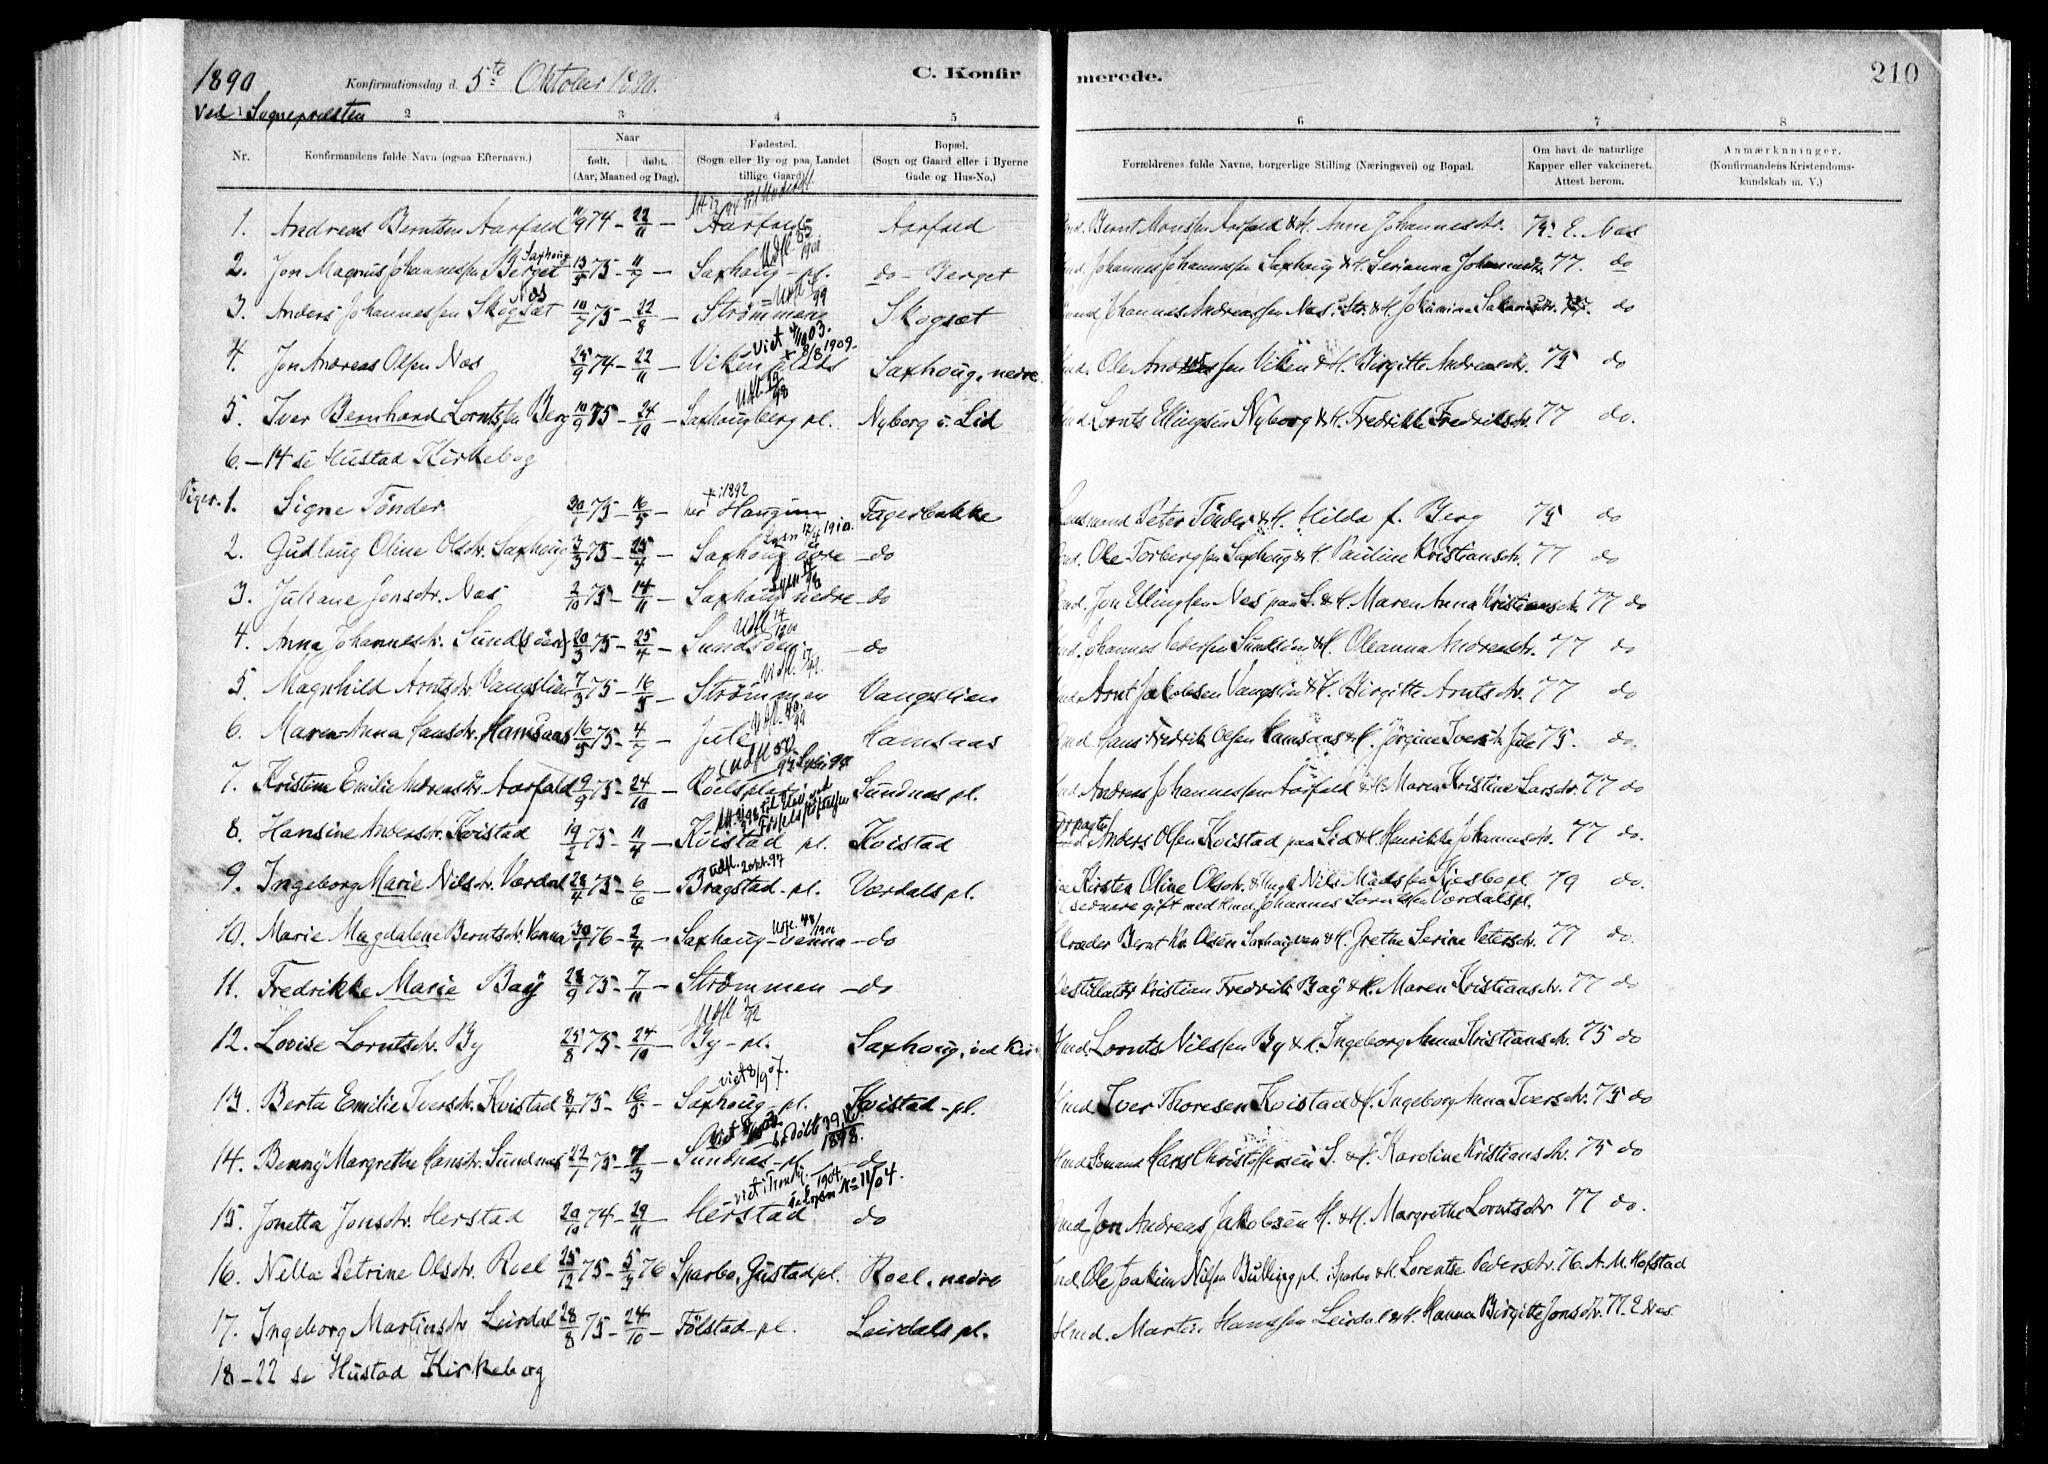 SAT, Ministerialprotokoller, klokkerbøker og fødselsregistre - Nord-Trøndelag, 730/L0285: Ministerialbok nr. 730A10, 1879-1914, s. 210